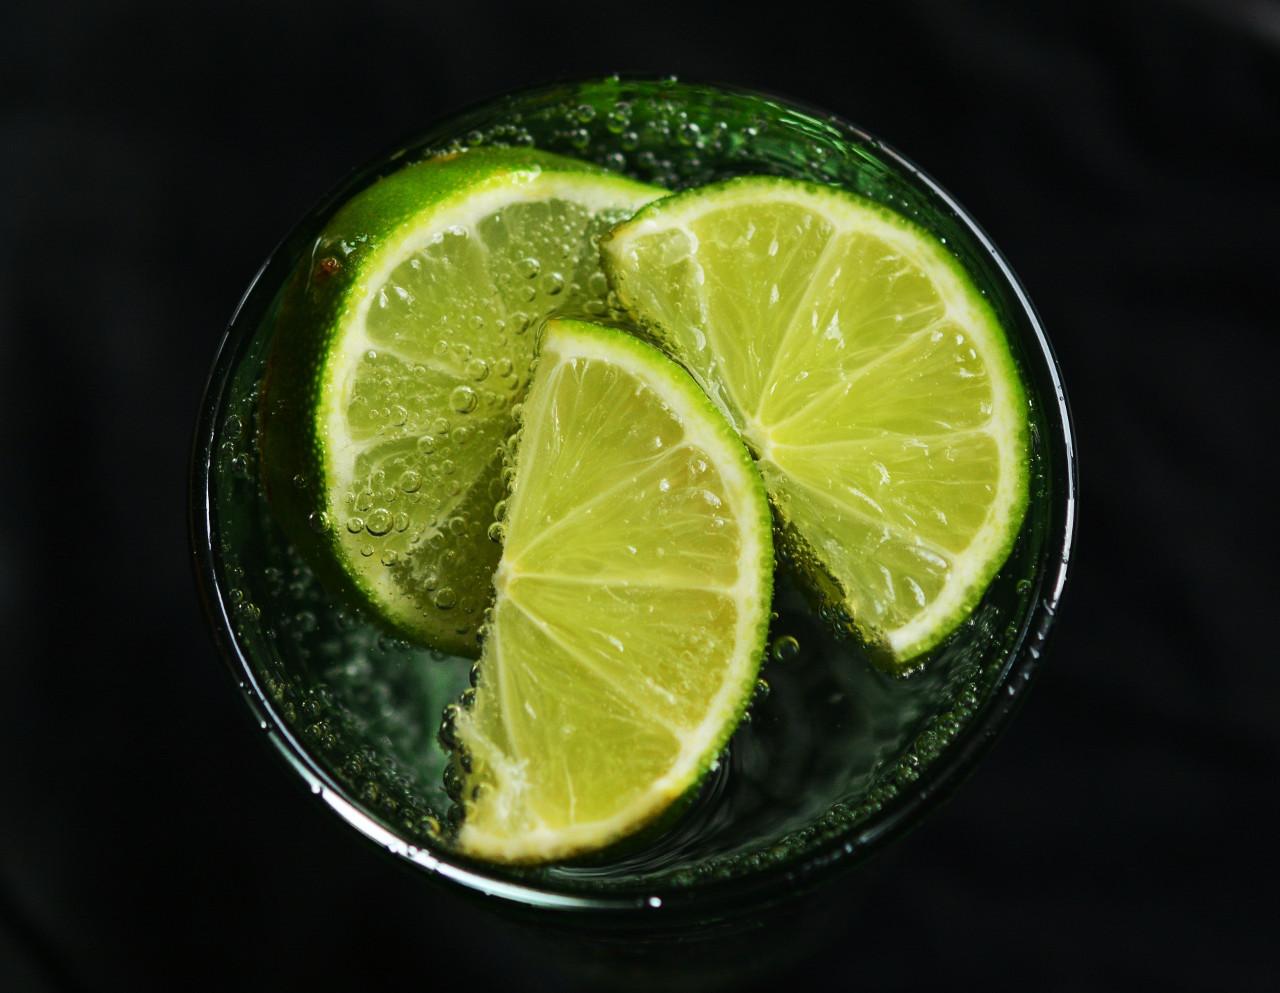 Limón, tan agrio y tan bueno a la vez para eliminar la caspa